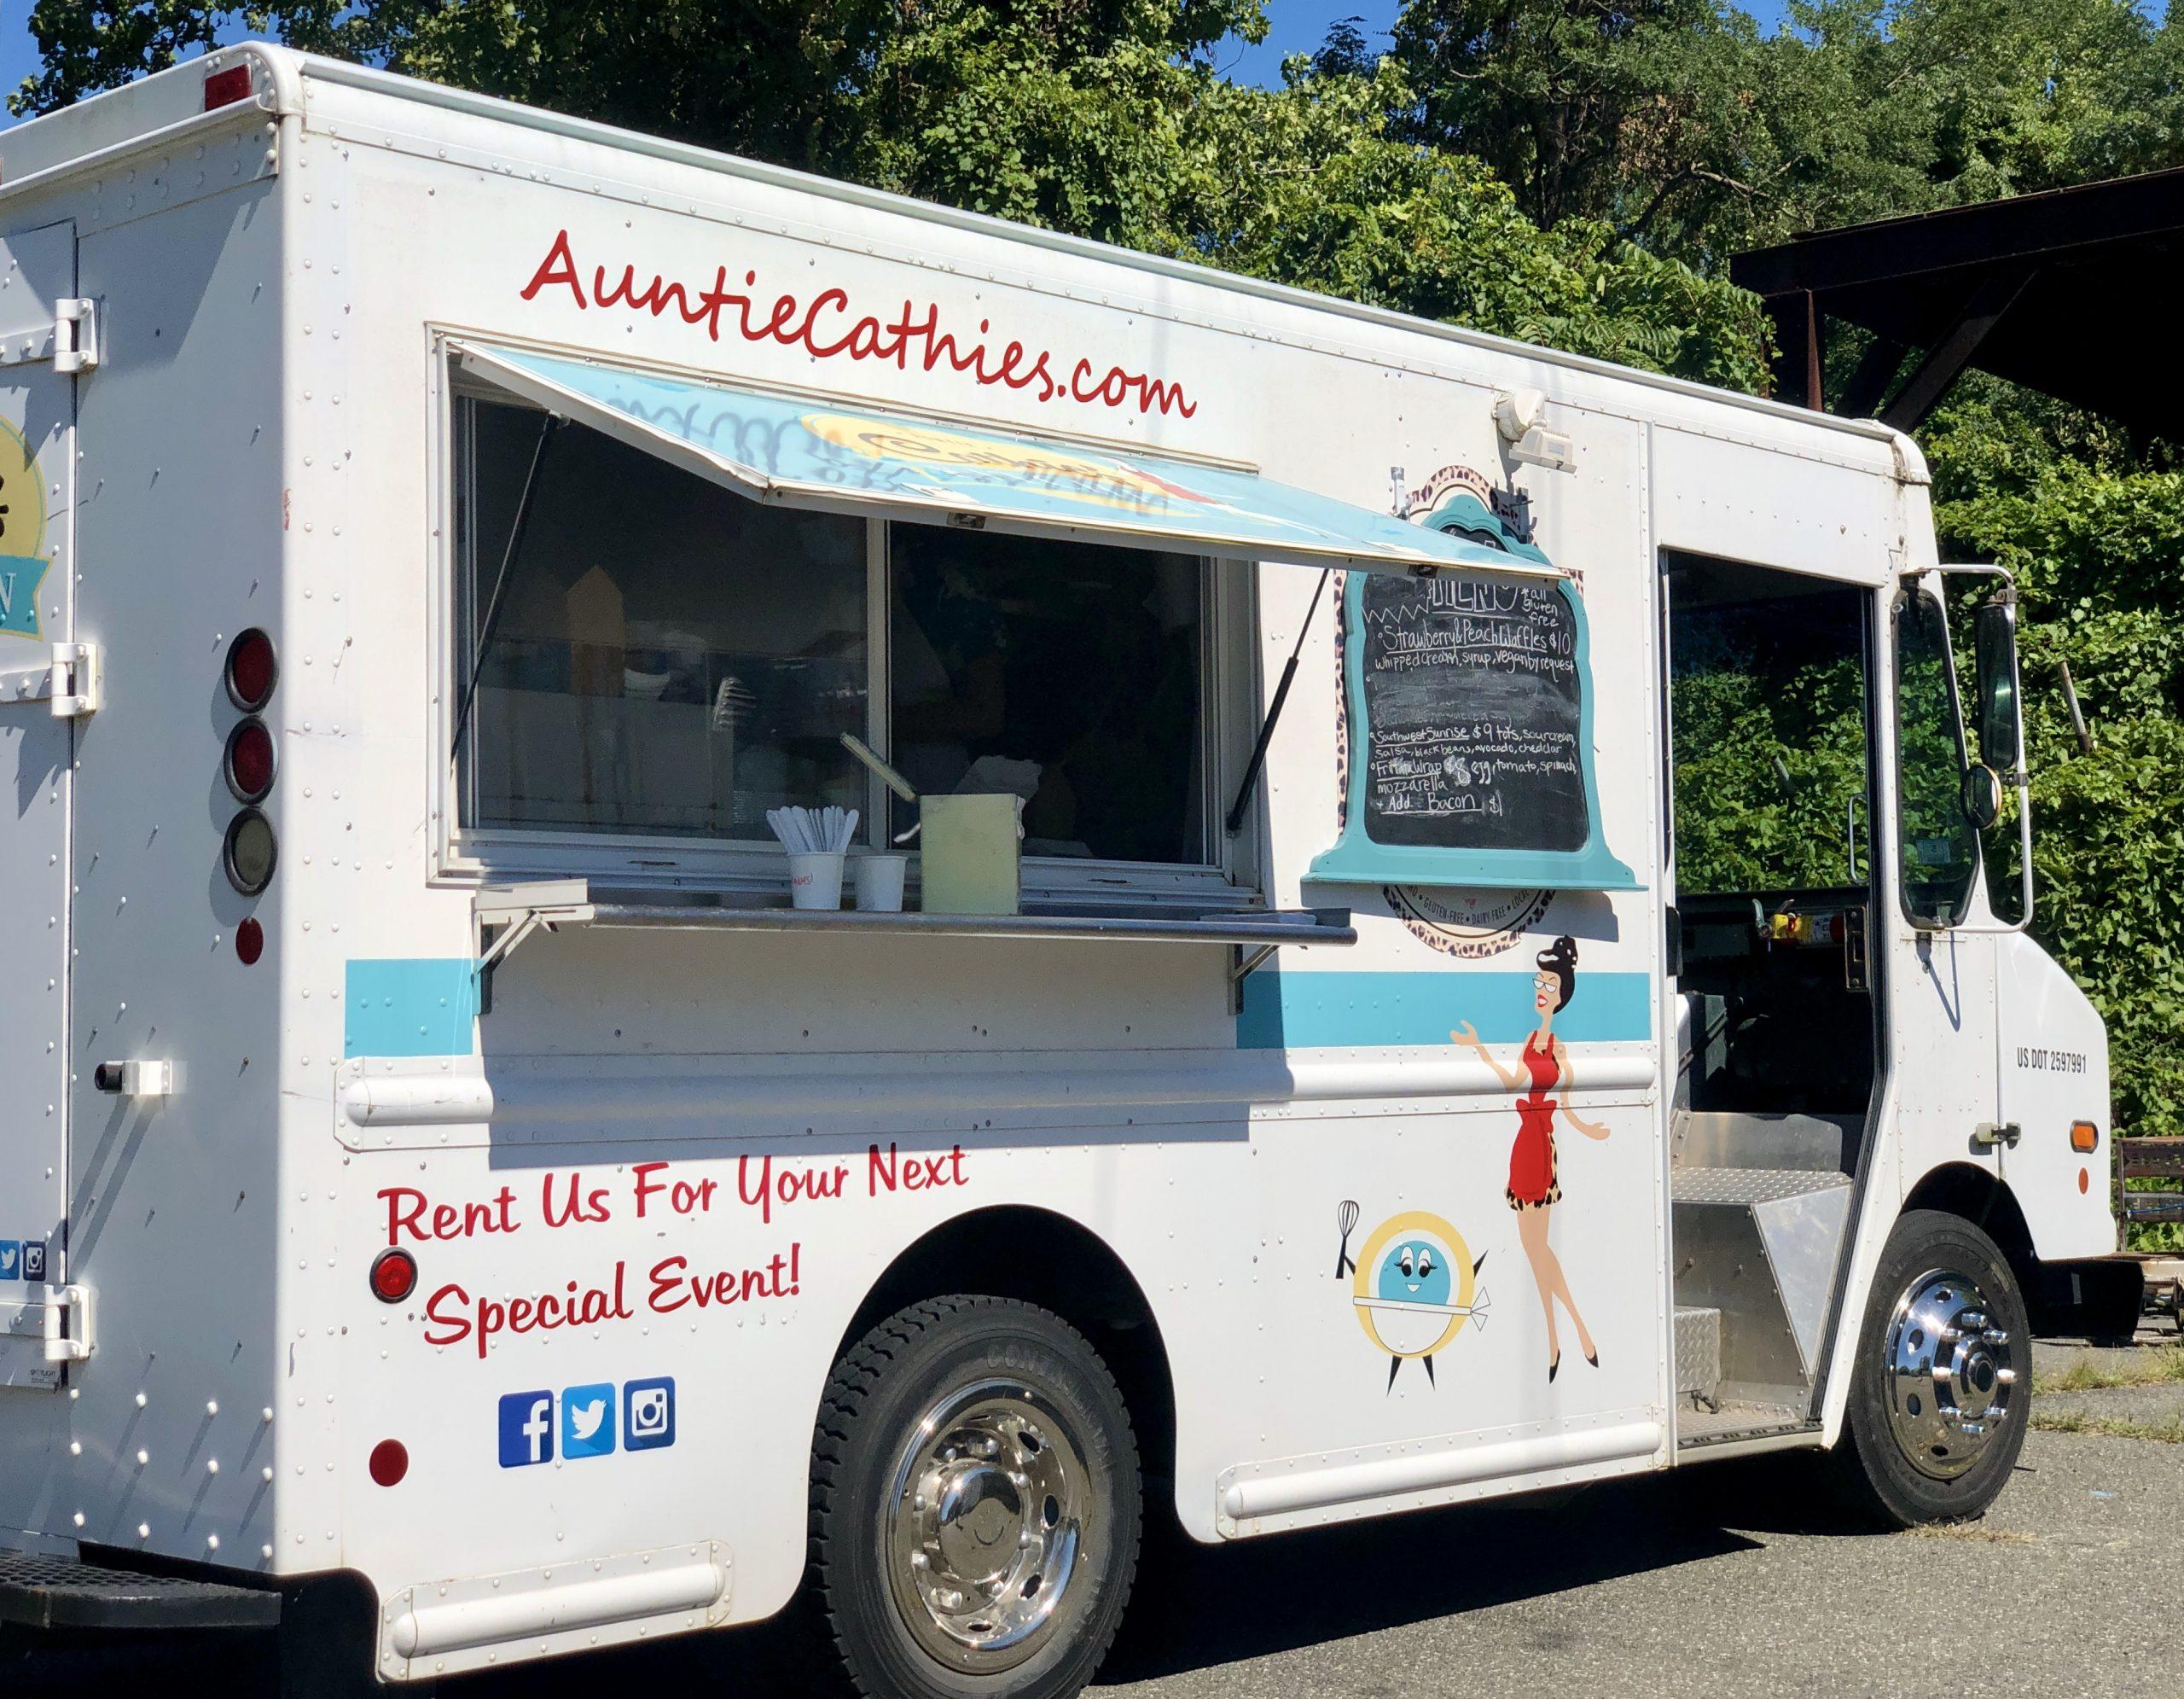 Auntie Cathie's Kitchen Truck